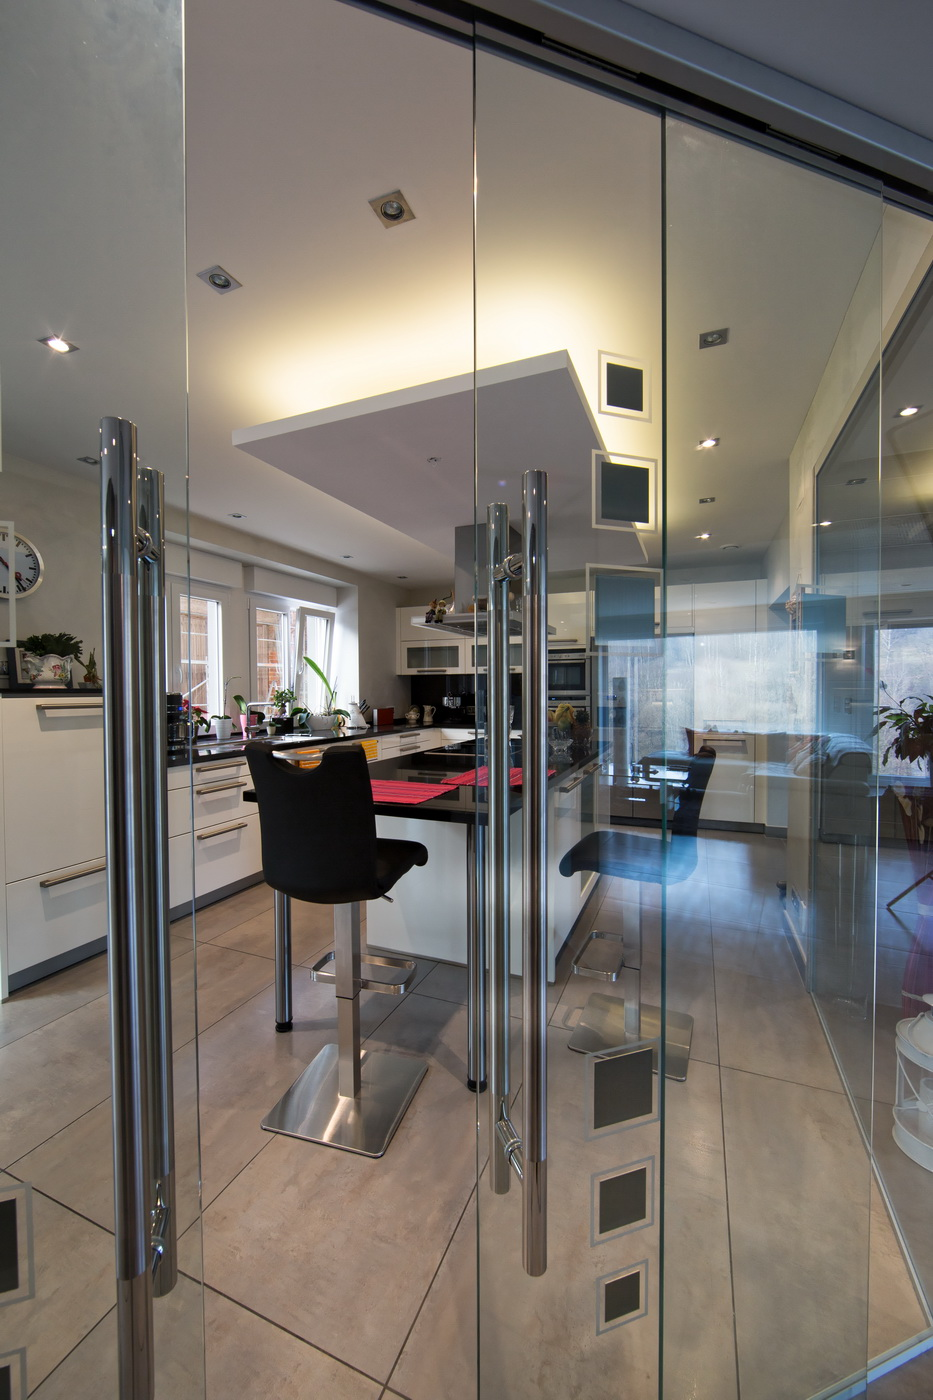 photo architecte interieur, photographe pro lorraine, alsace, champagne ardenne